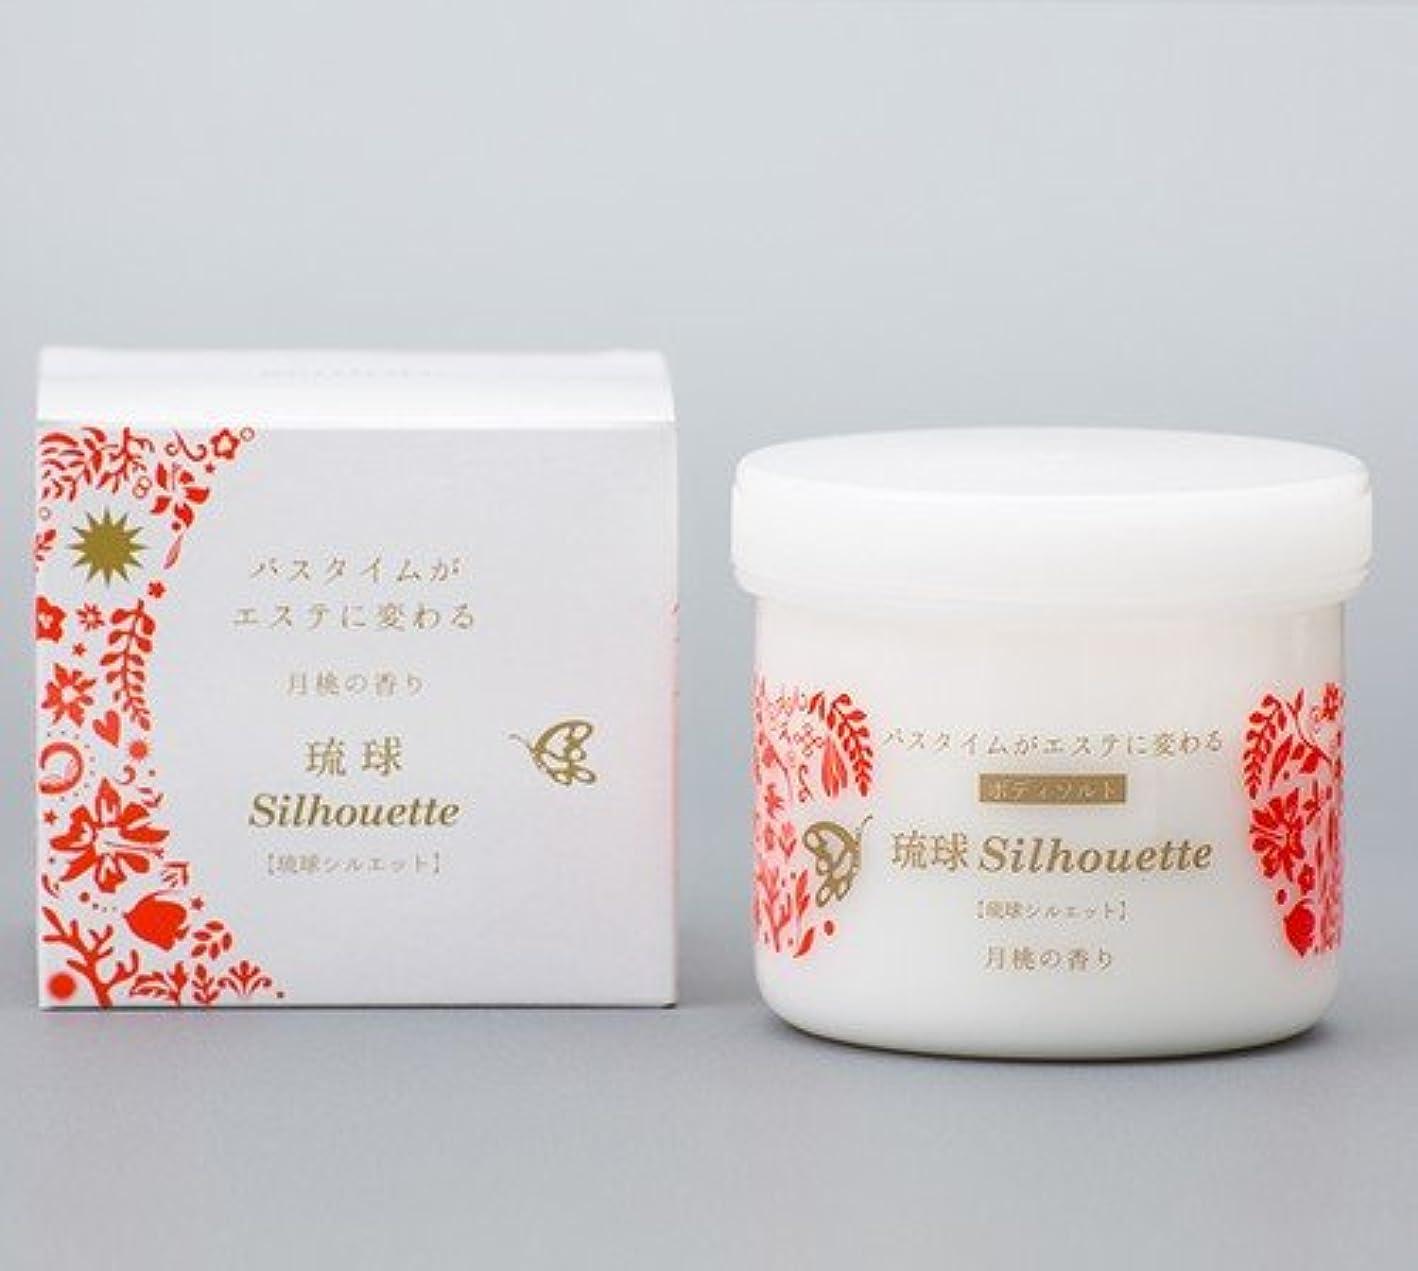 クーポン嘆願テナント月桃の香り 琉球シルエット ソルトソープ(200g)